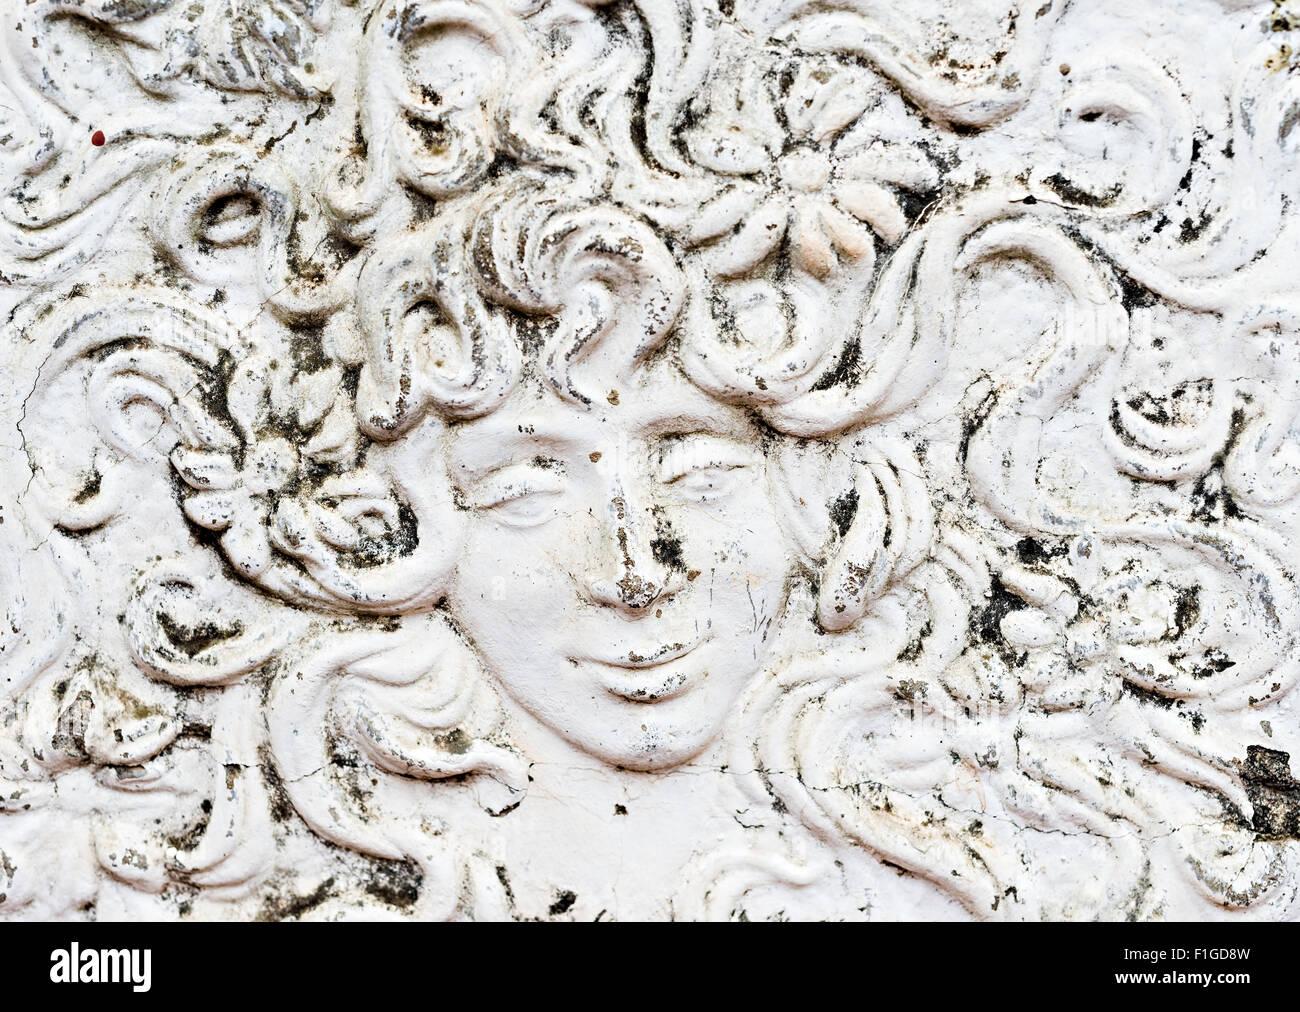 Relief En Plâtre Peinture Murale De L Homme Ou De Visage De